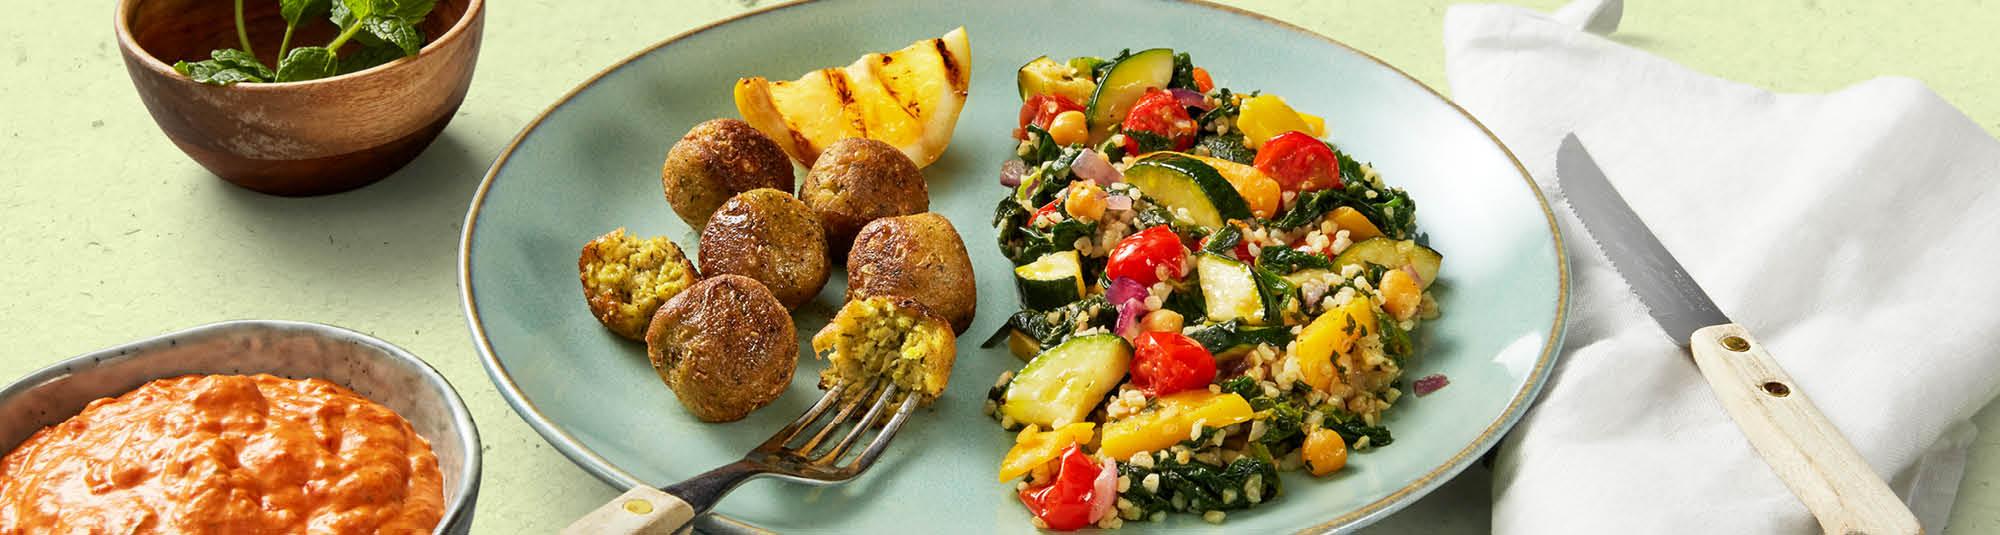 Falafel med Veggie Sides